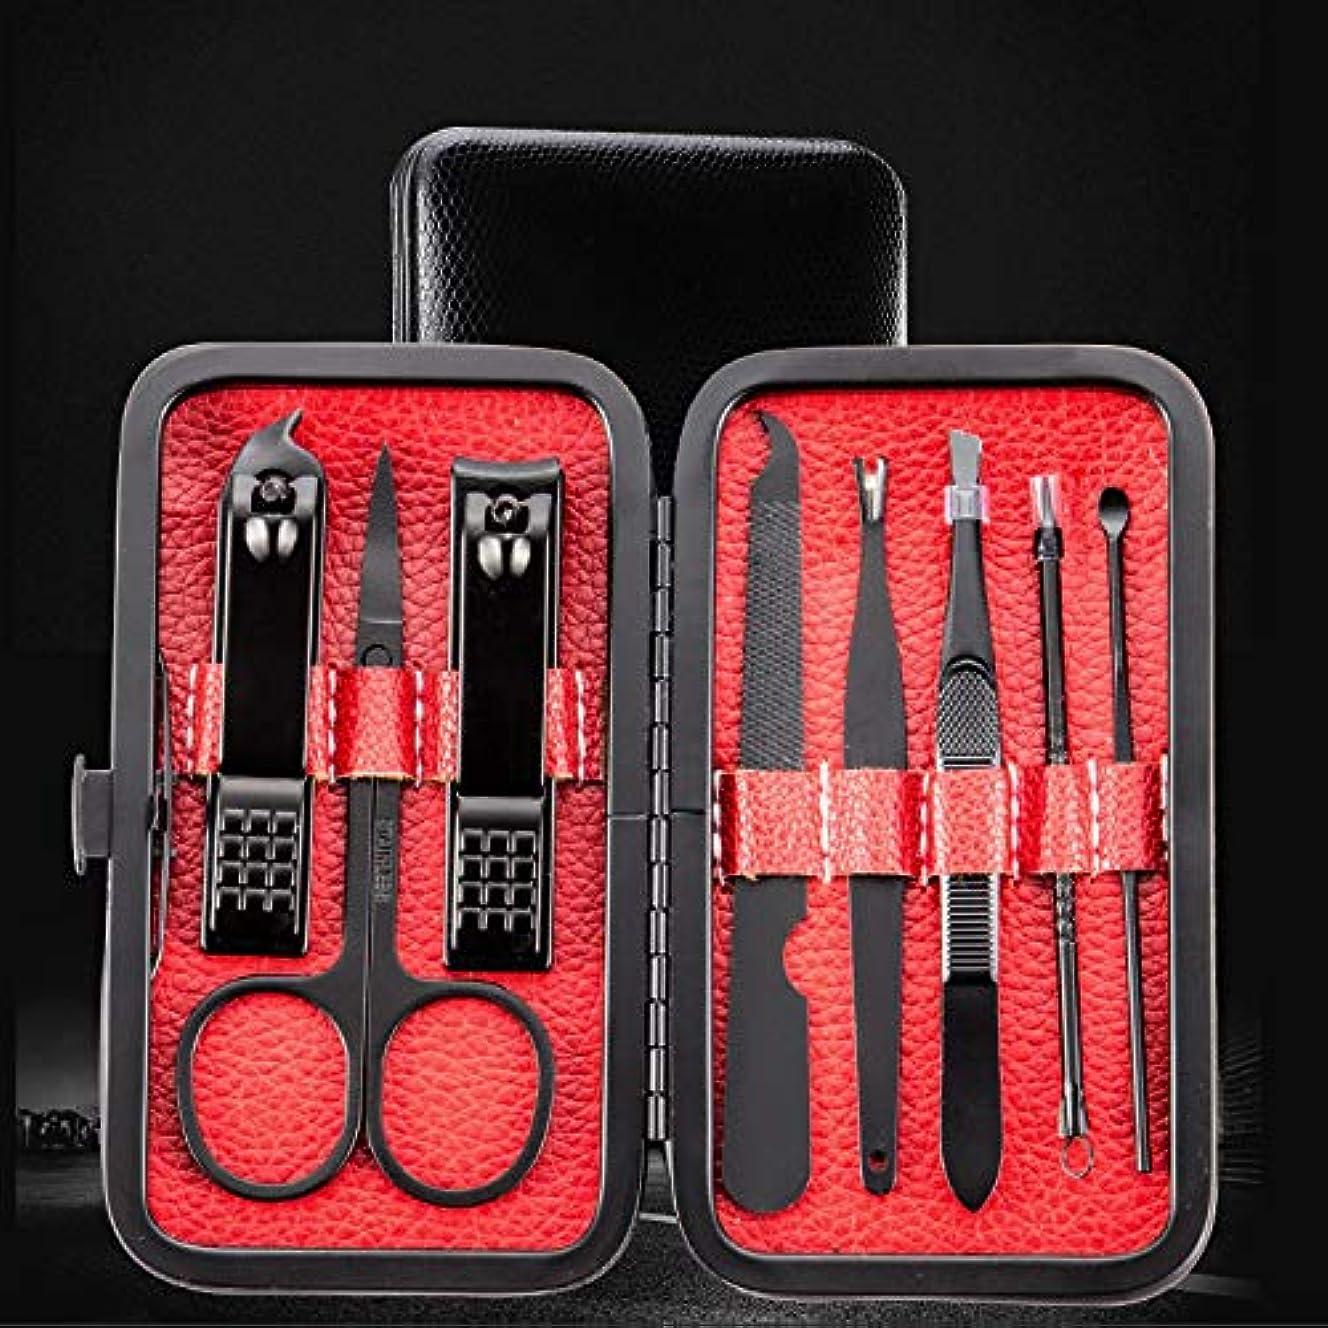 蛾端あご15本のネイルツールセットの美容セットマニキュアナイフ用に設定されたステンレス鋼ネイルハサミはカスタマイズ可能